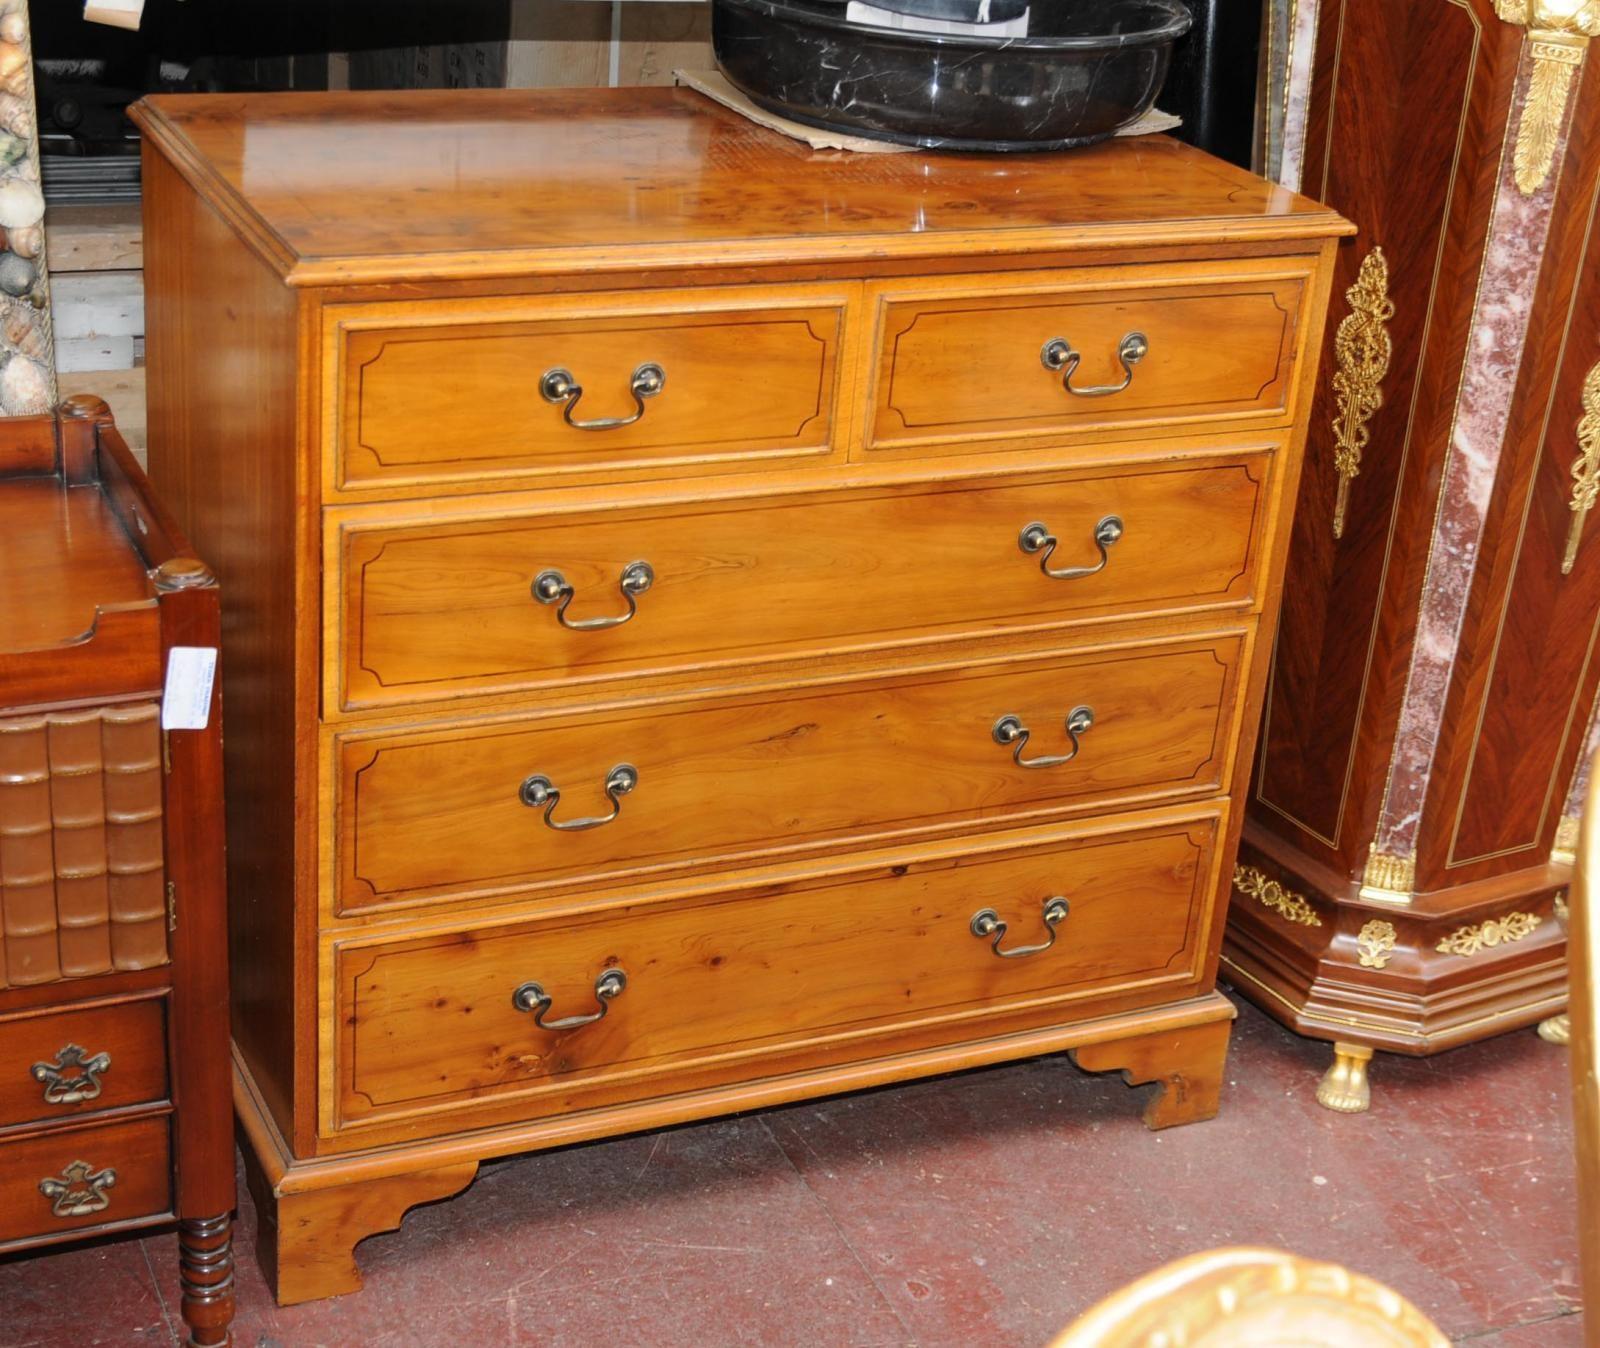 www.darkoakfurniture.co.uk love walnut furniture, we do